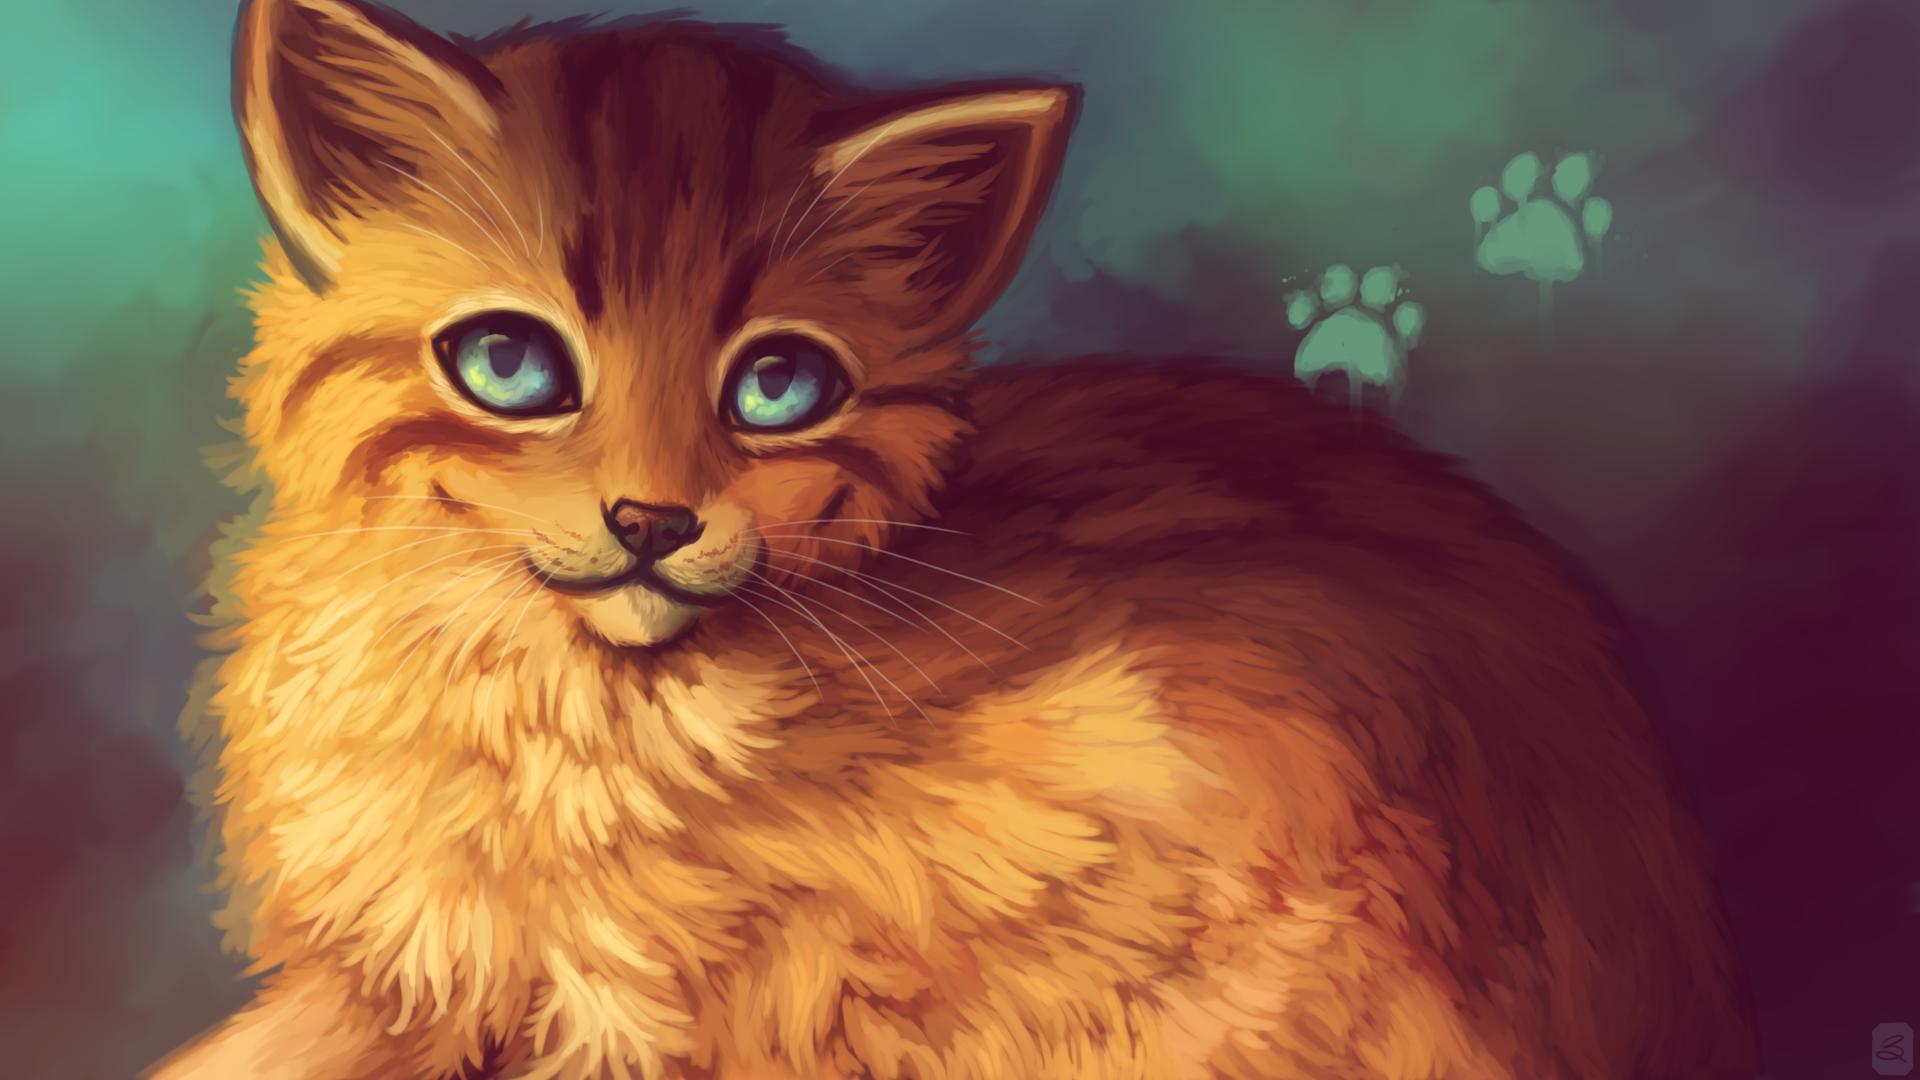 Cute Cat Painting Art Wallpaper